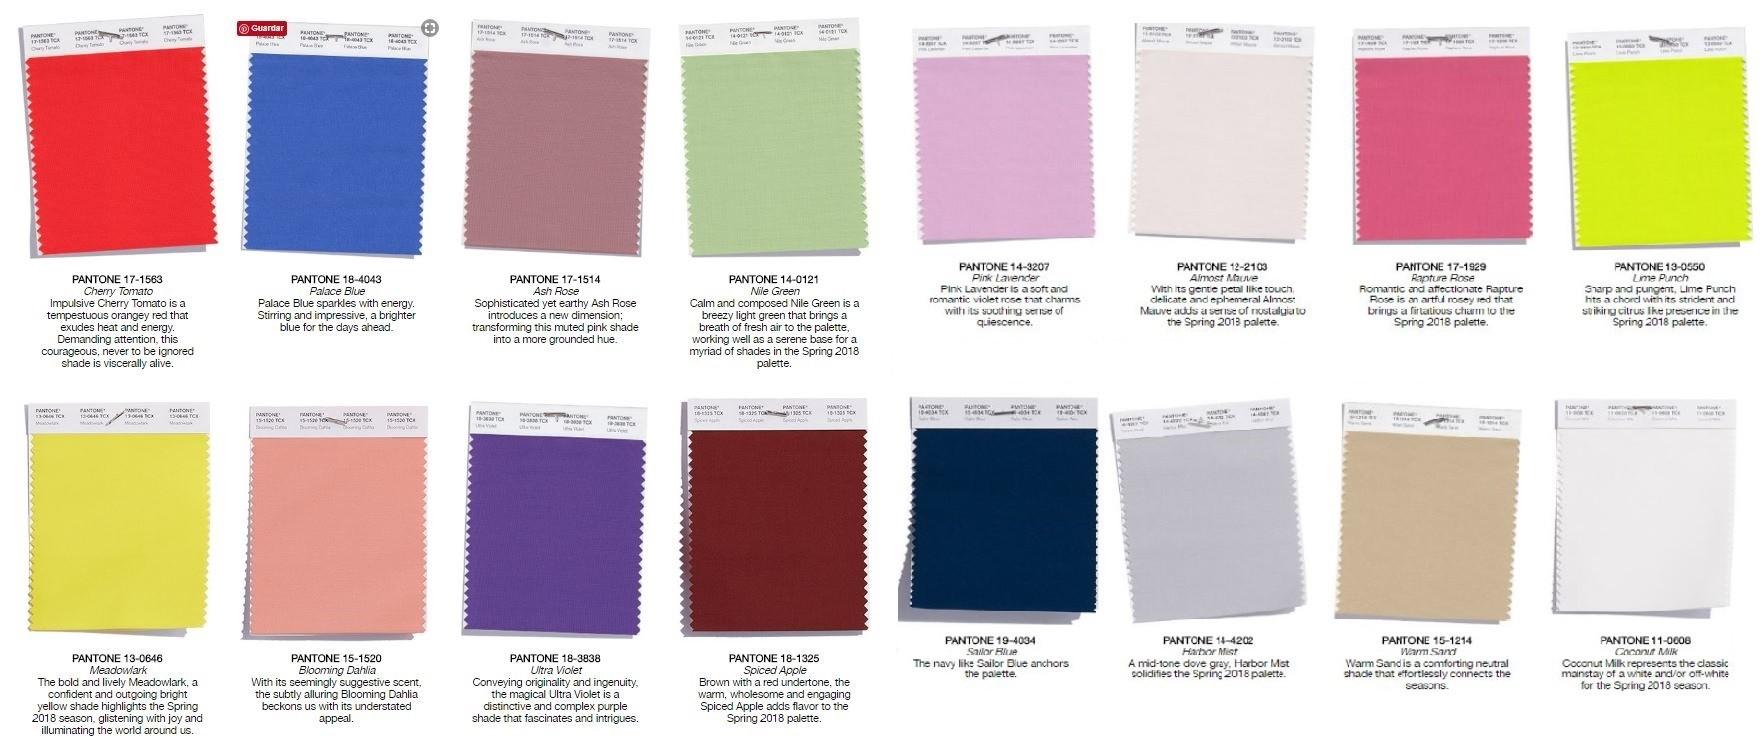 Muebles de ba o los colores de 2018 tbp - Colores para paredes 2017 ...